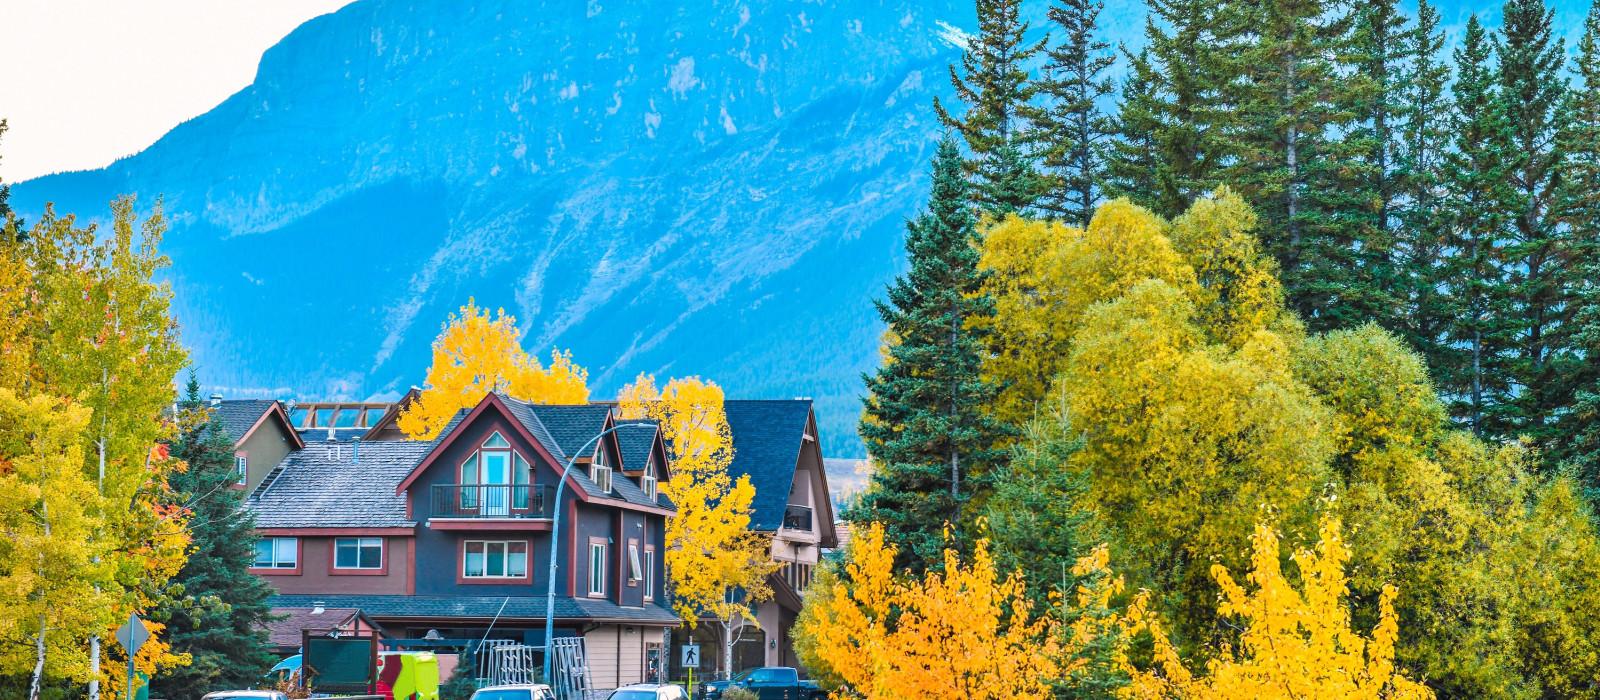 Reiseziel Canmore Kanada